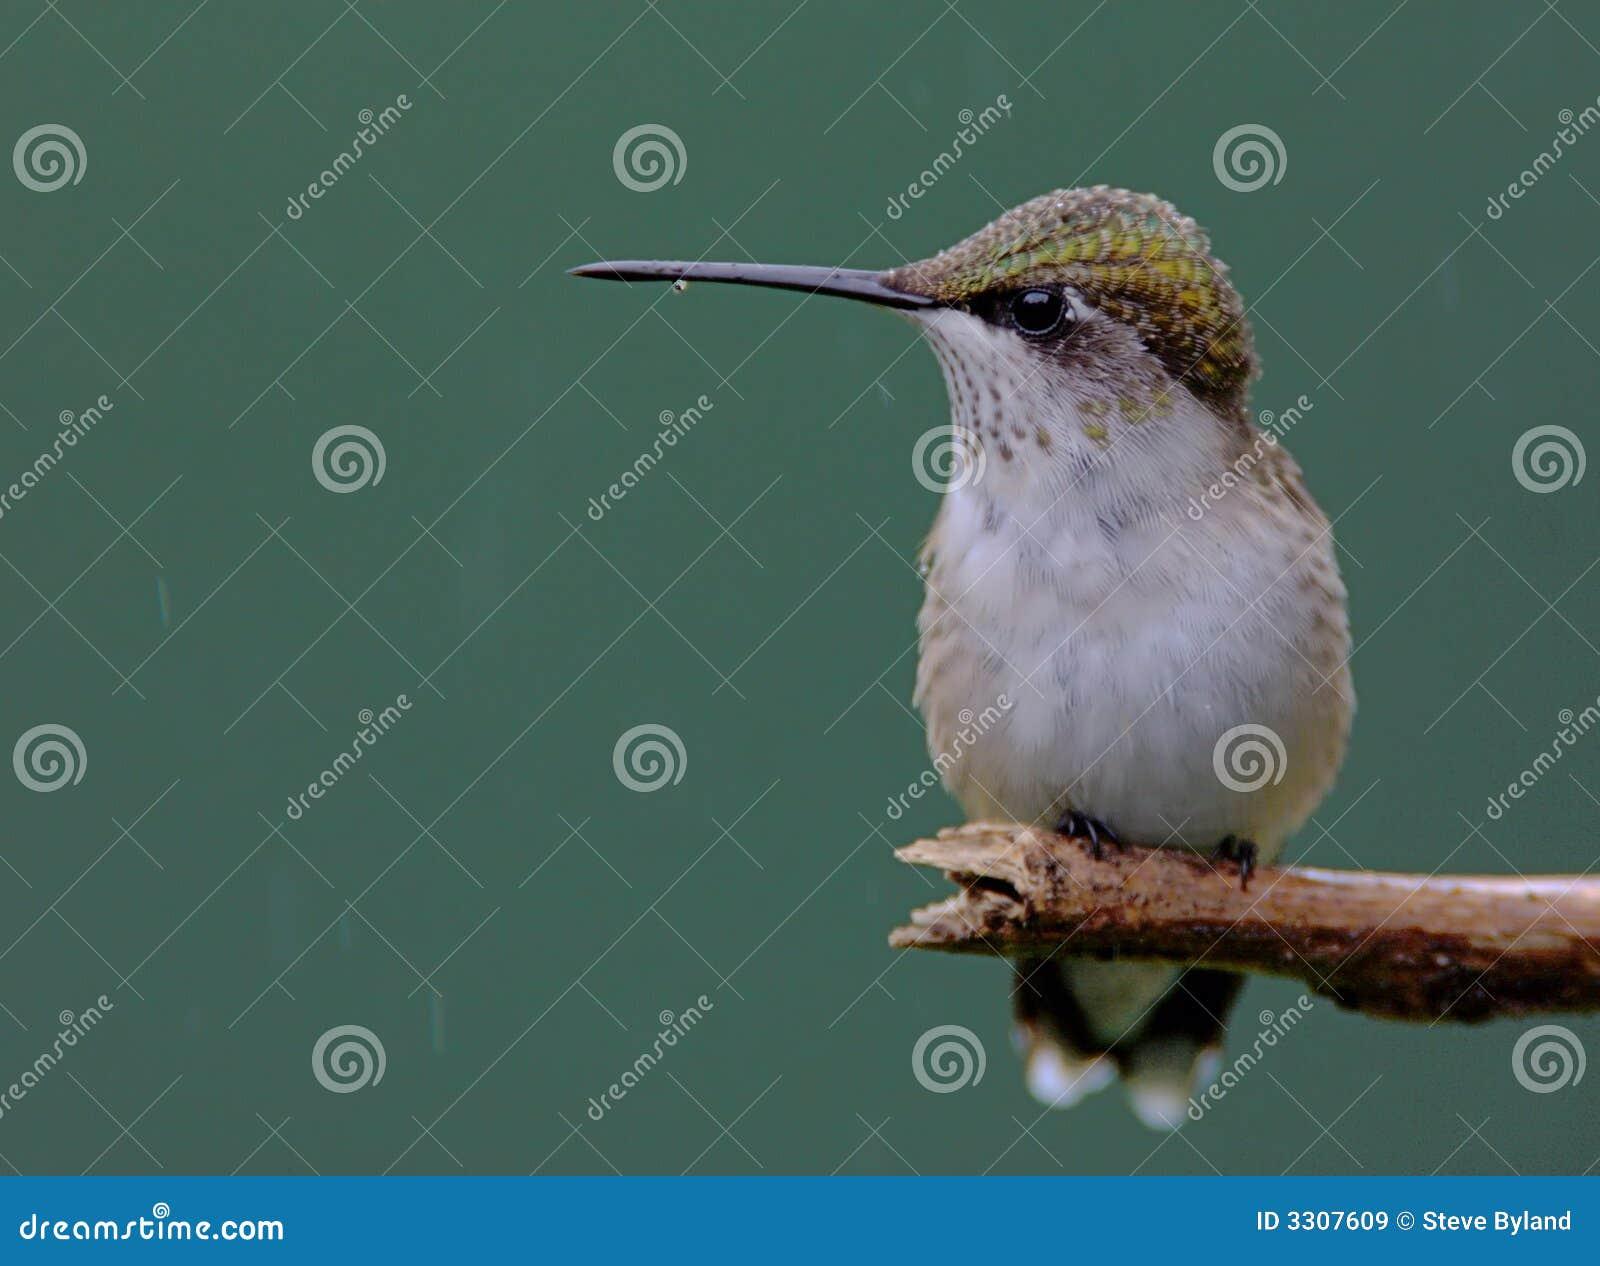 日蜂鸟少年男栖息多雨红宝石红喉刺莺.情趣用品店老板娘色的图片